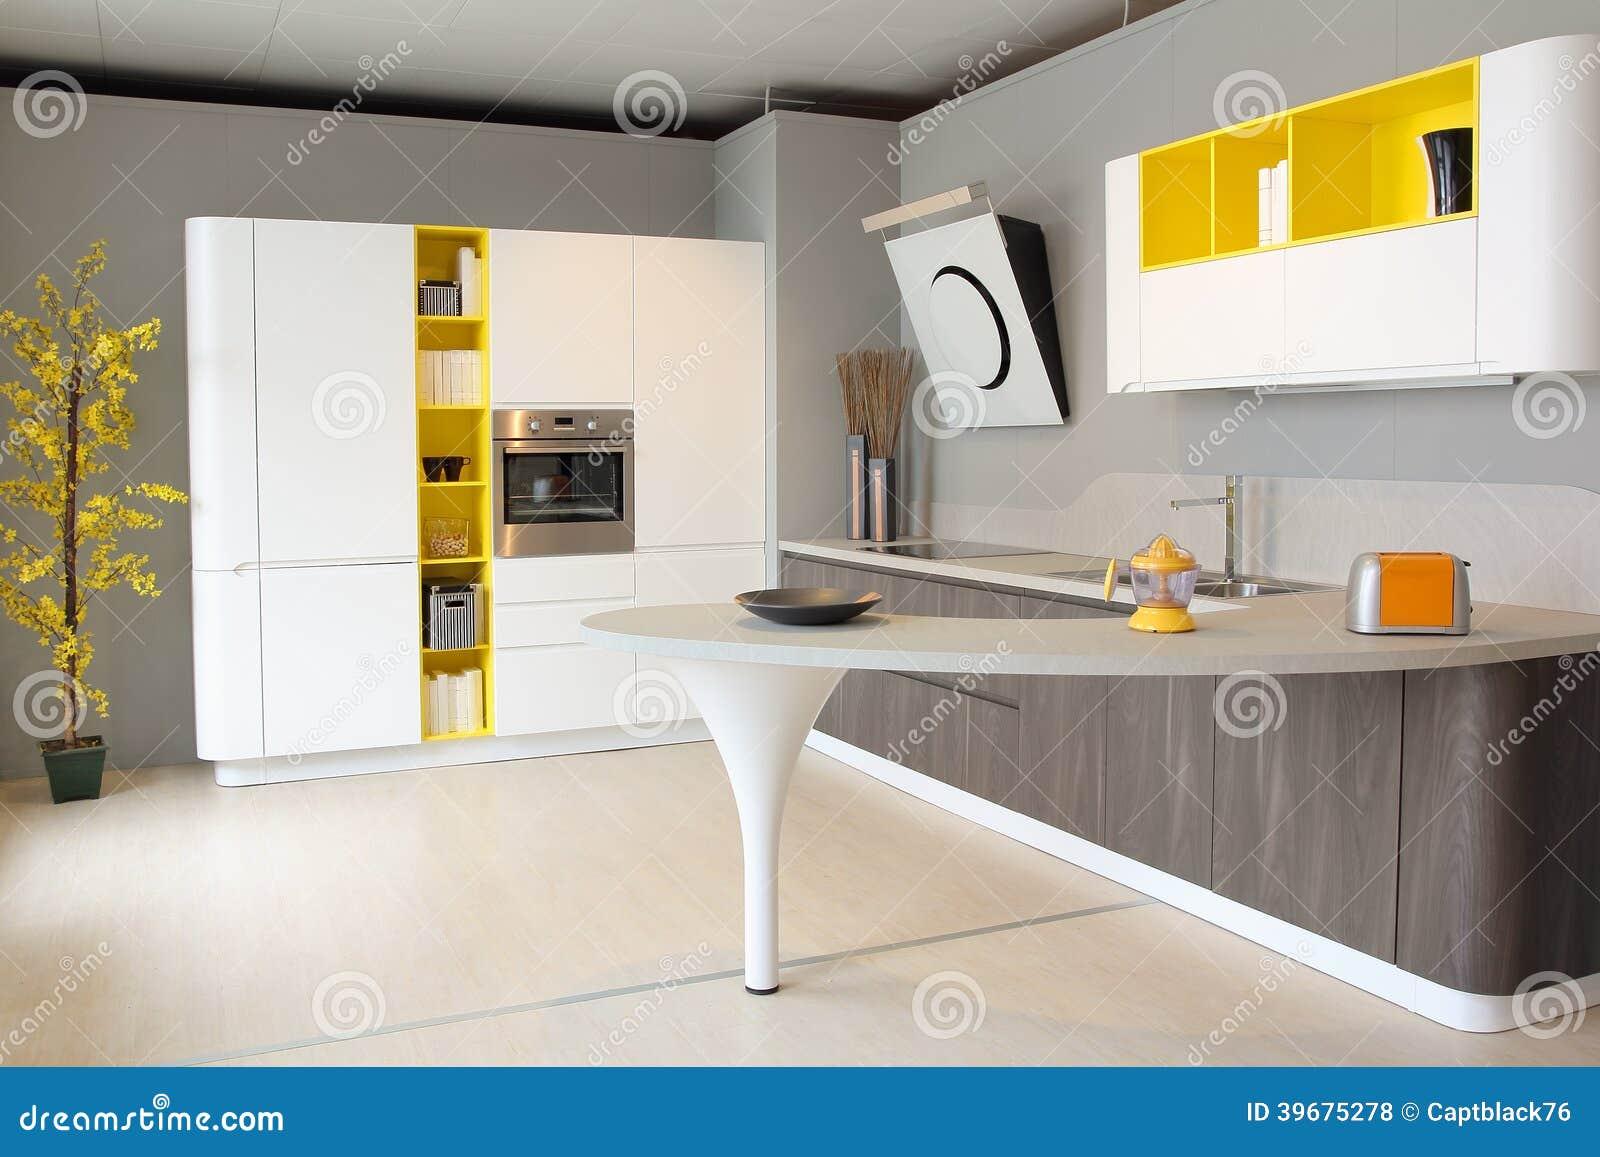 Cuisine moderne blanche et jaune color photo stock image 39675278 for Chambre jaune et blanche